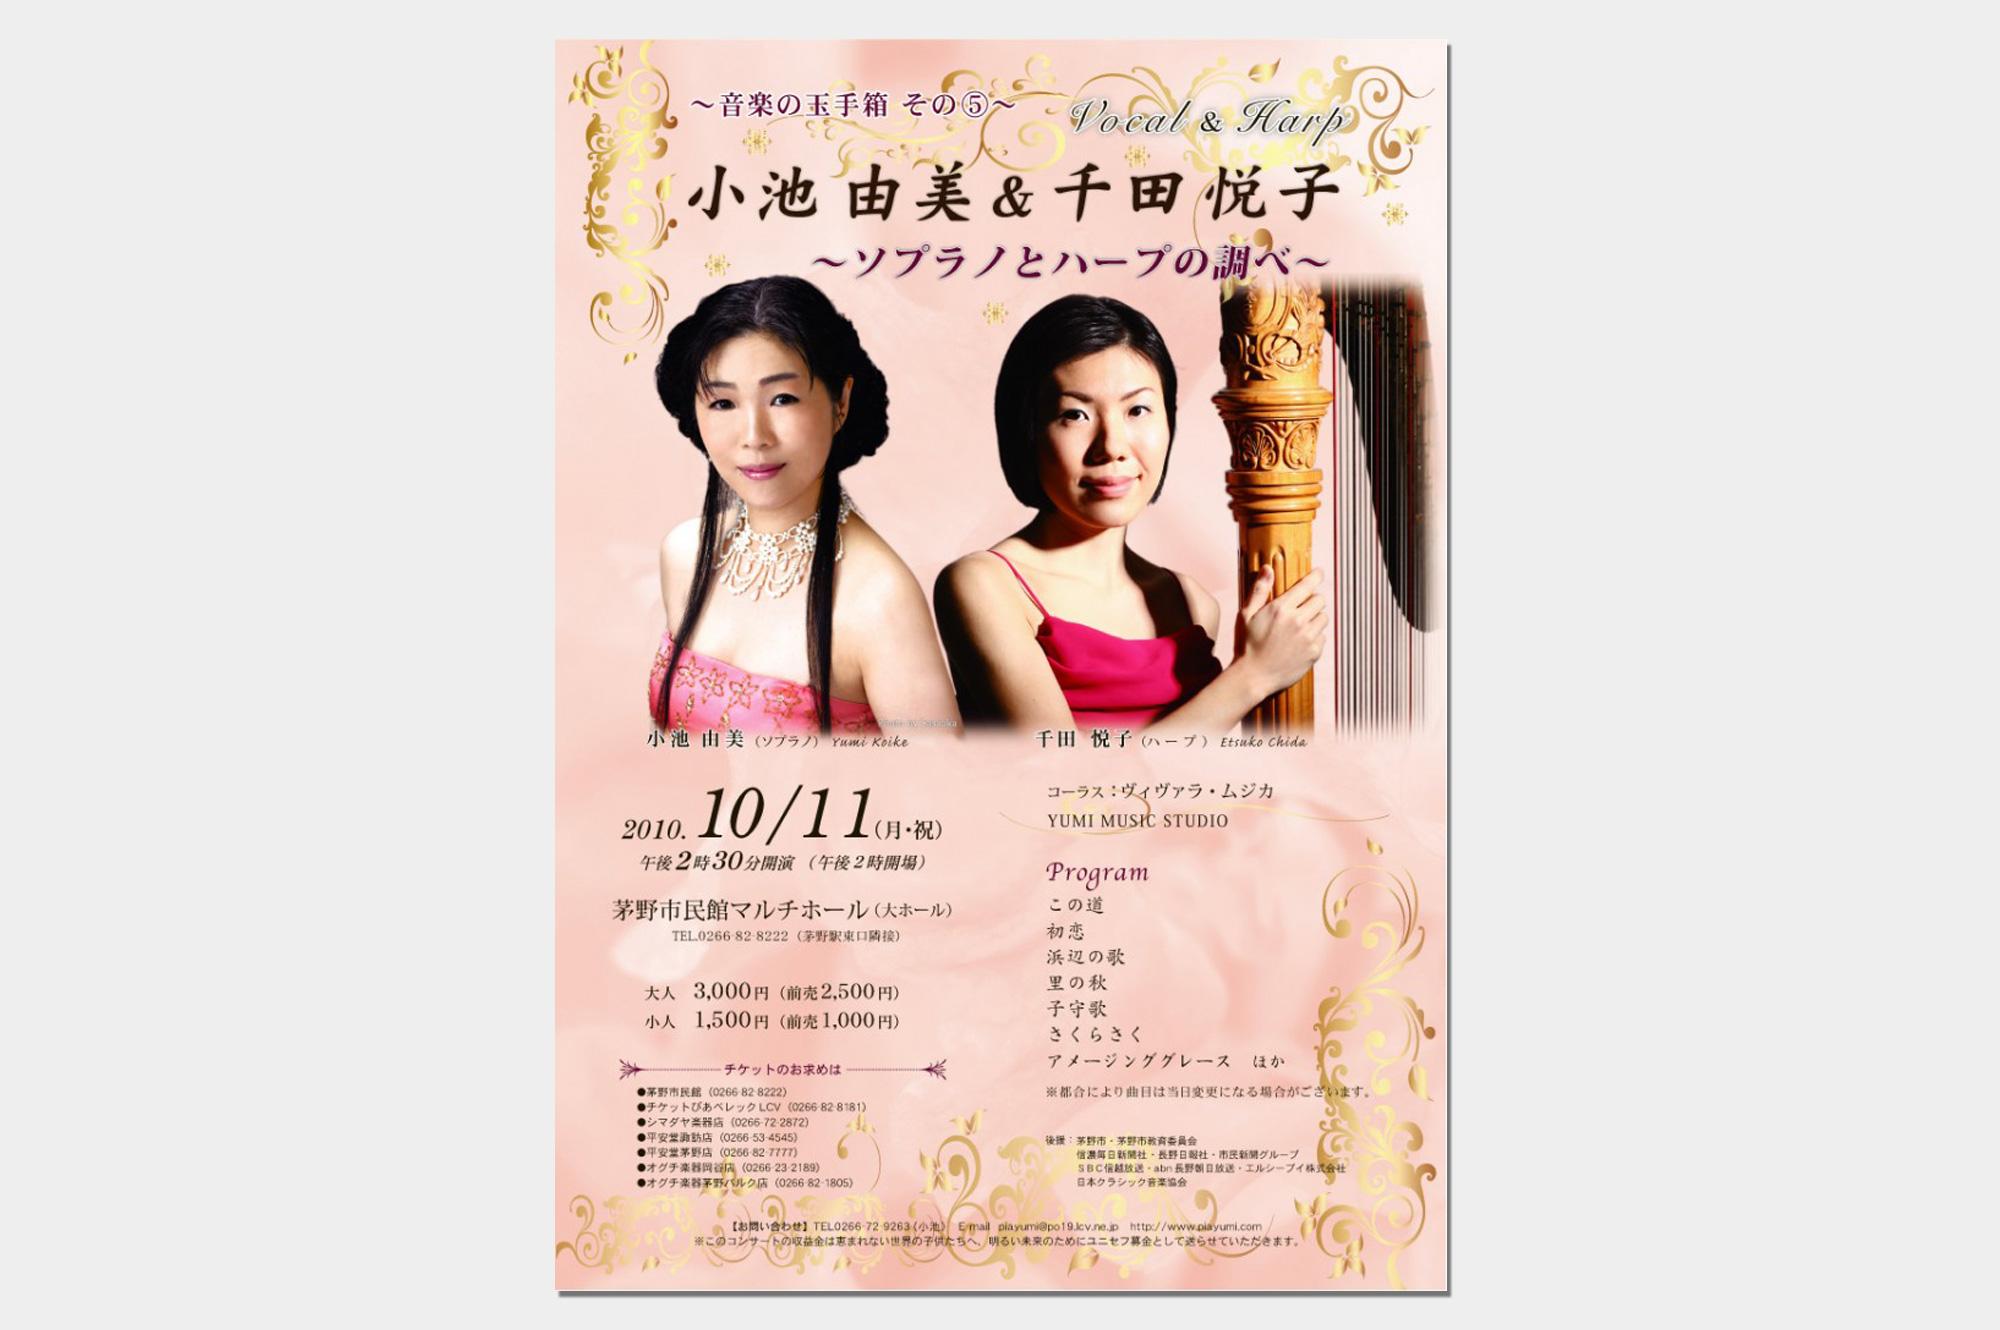 A2ポスター(小池由美先生)